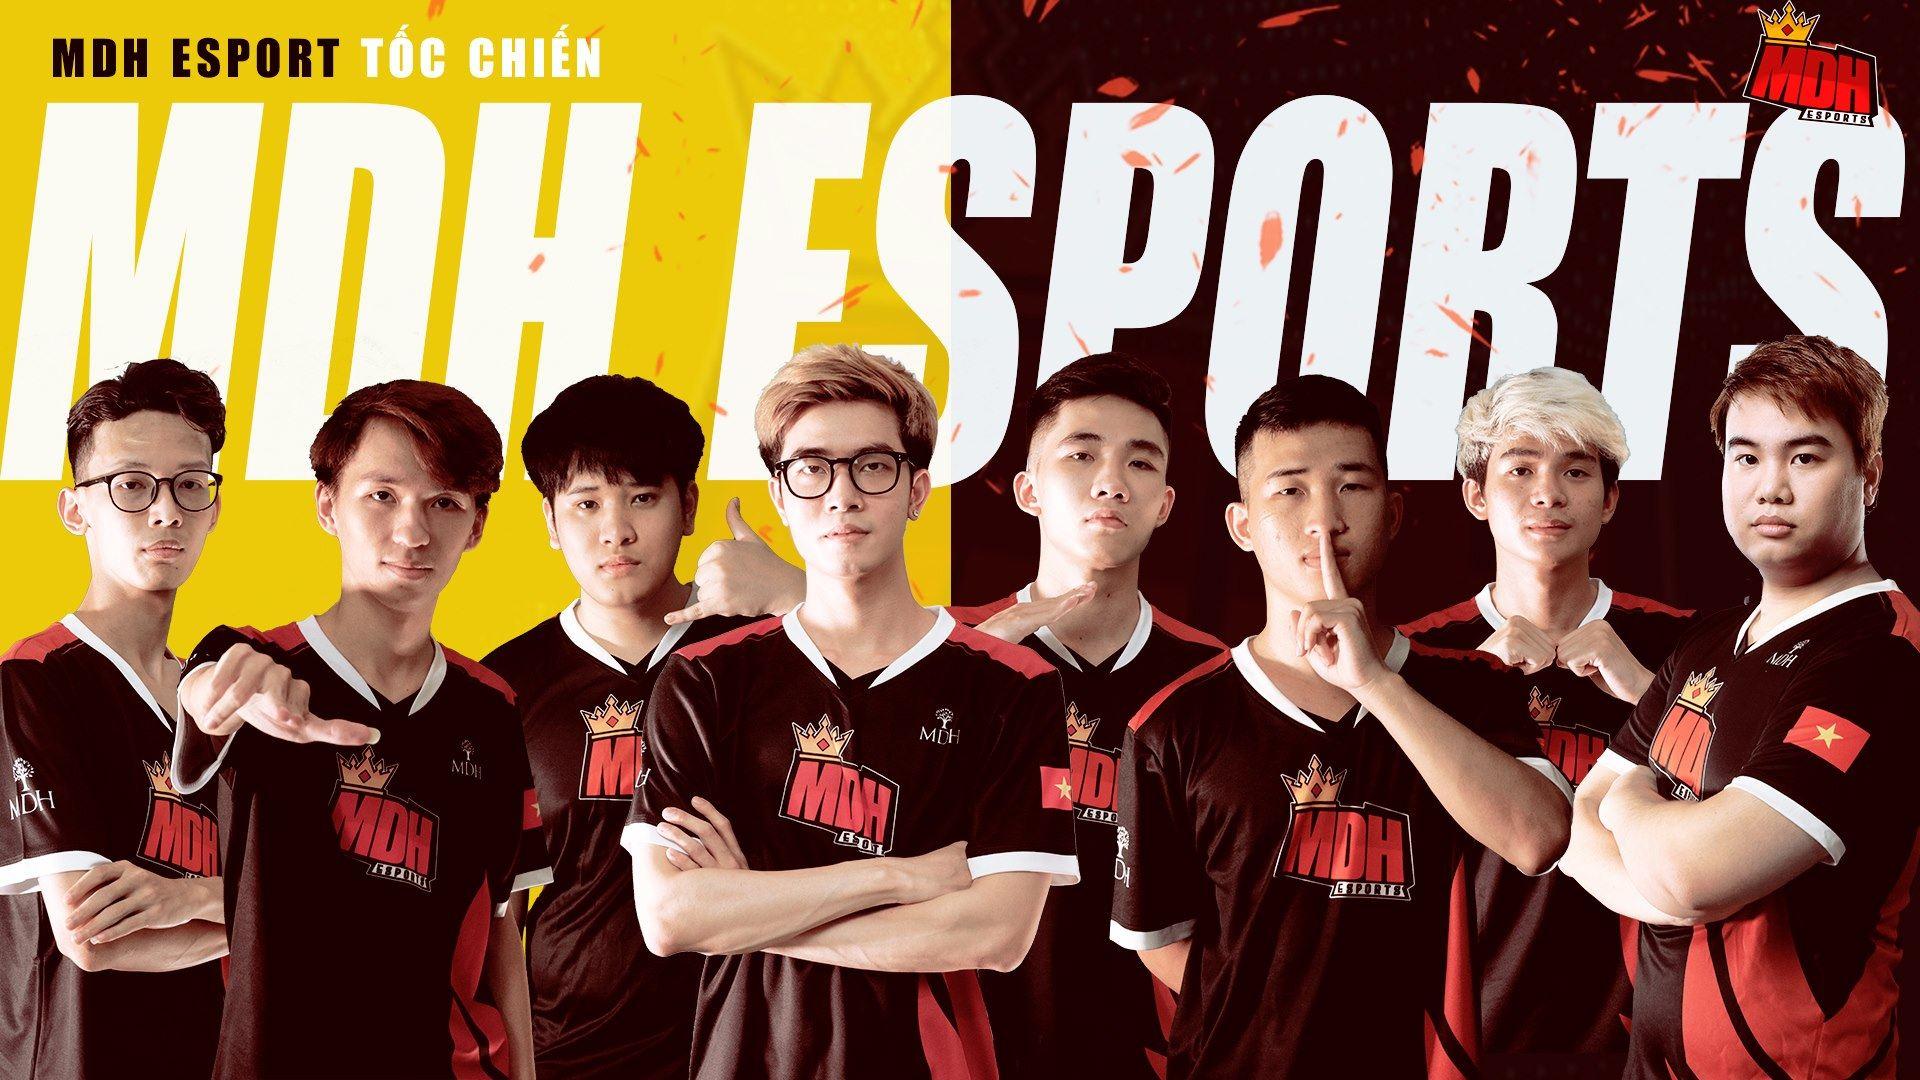 Đội hình MDH Esports.